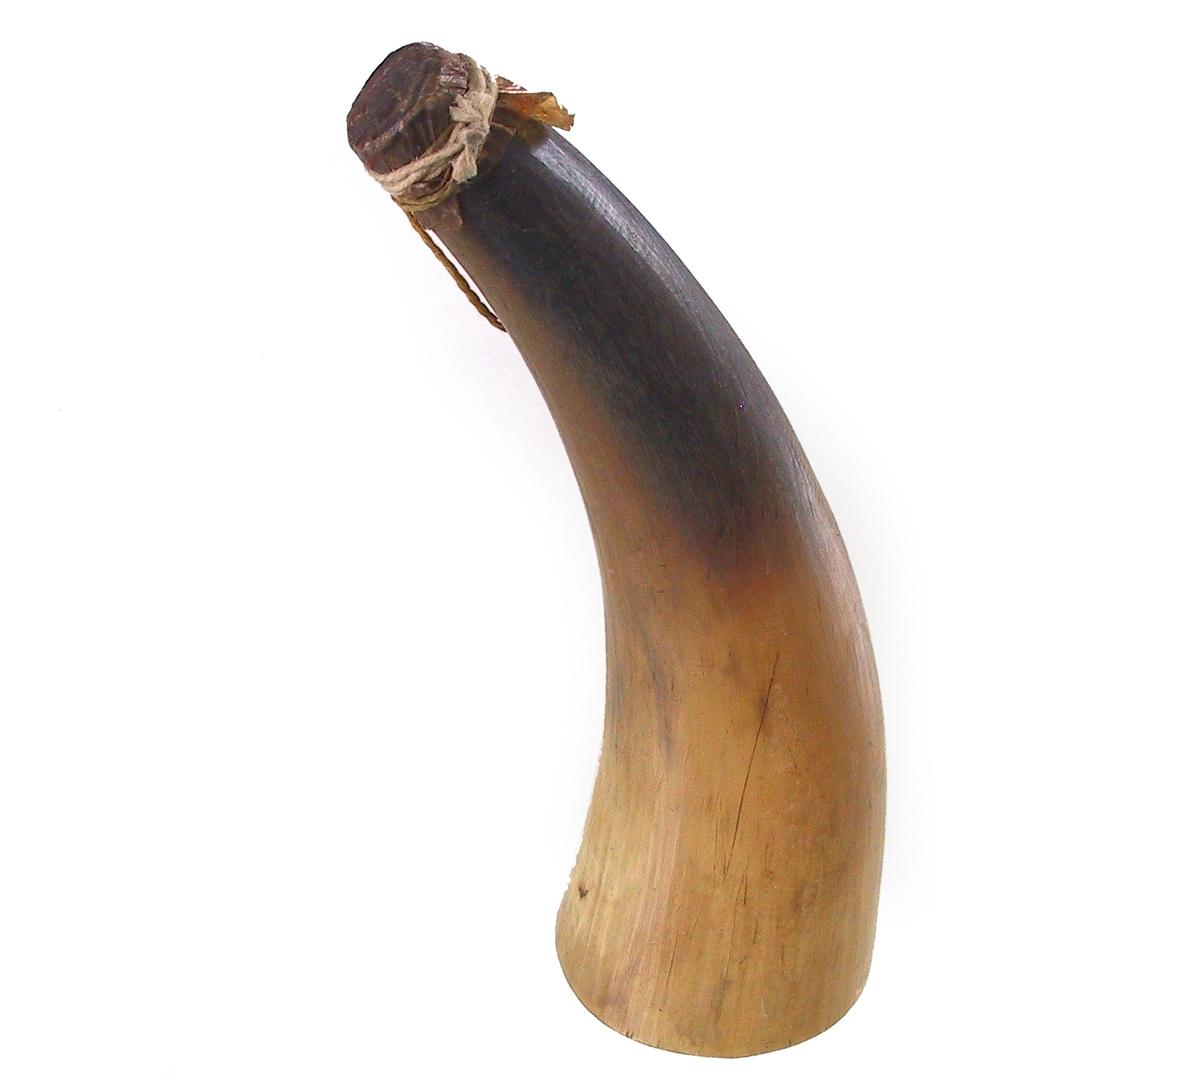 Lyst kuhorn, mørkere mot spissen. Smekkert, i tuppen overbundet med dyretarm, tynn hyssing. Tilstand: god.